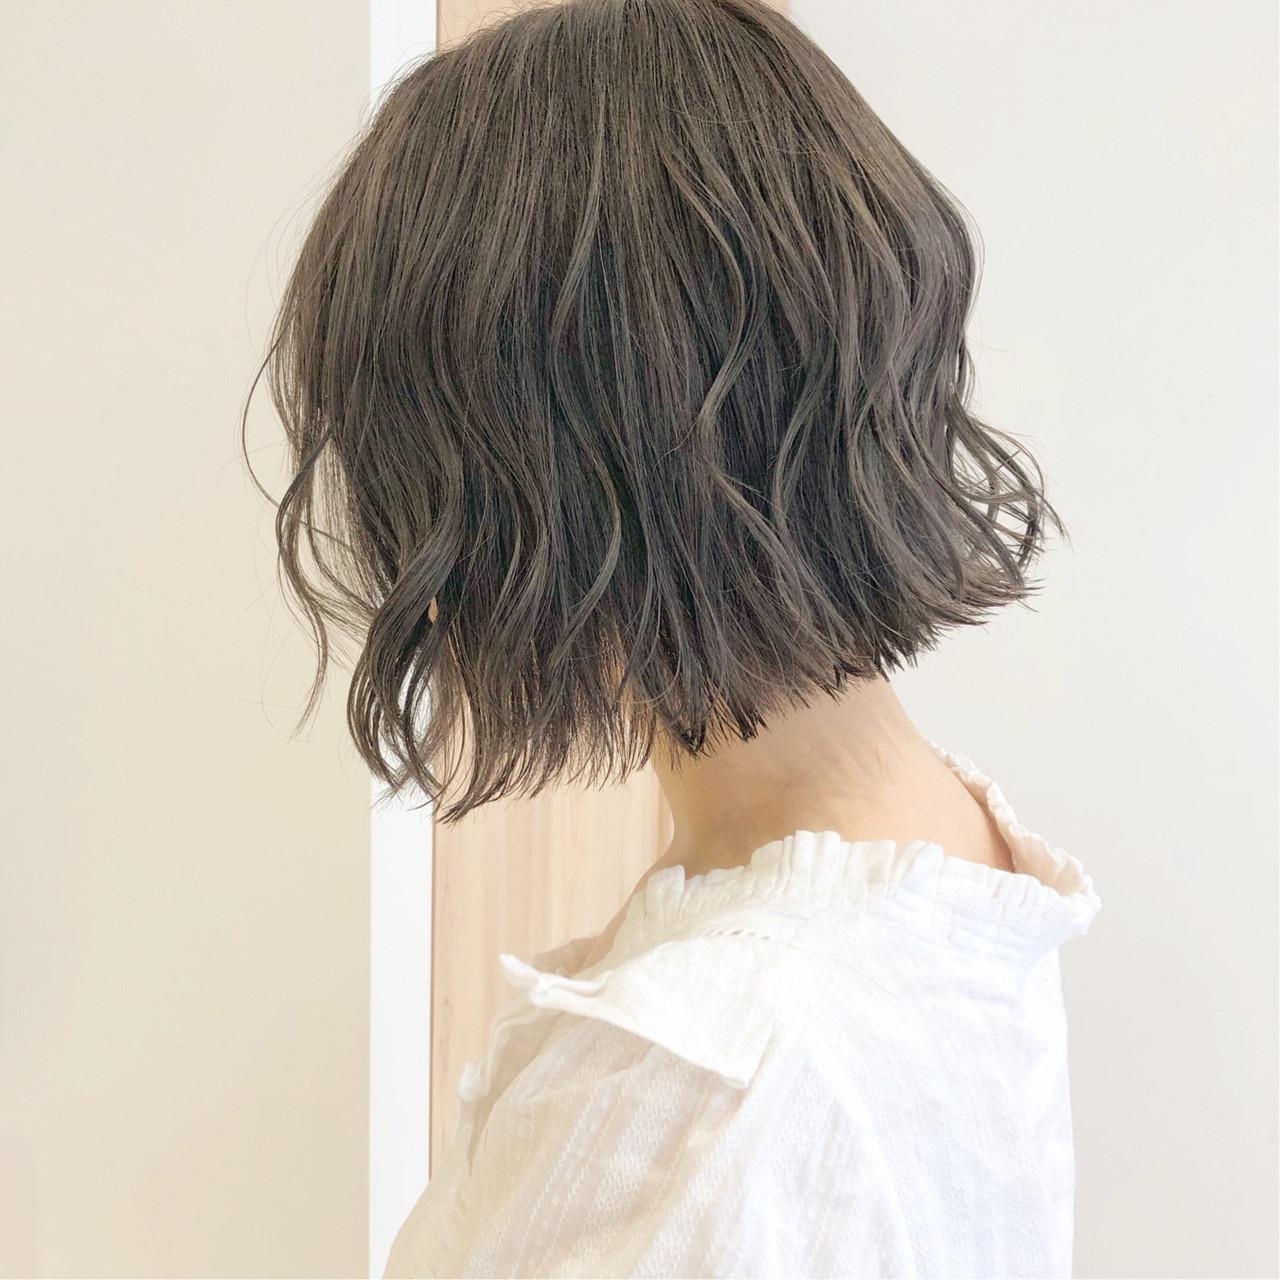 平手友梨奈の髪型に学ぶ|ショートスタイルや前髪のセット・アレンジ術